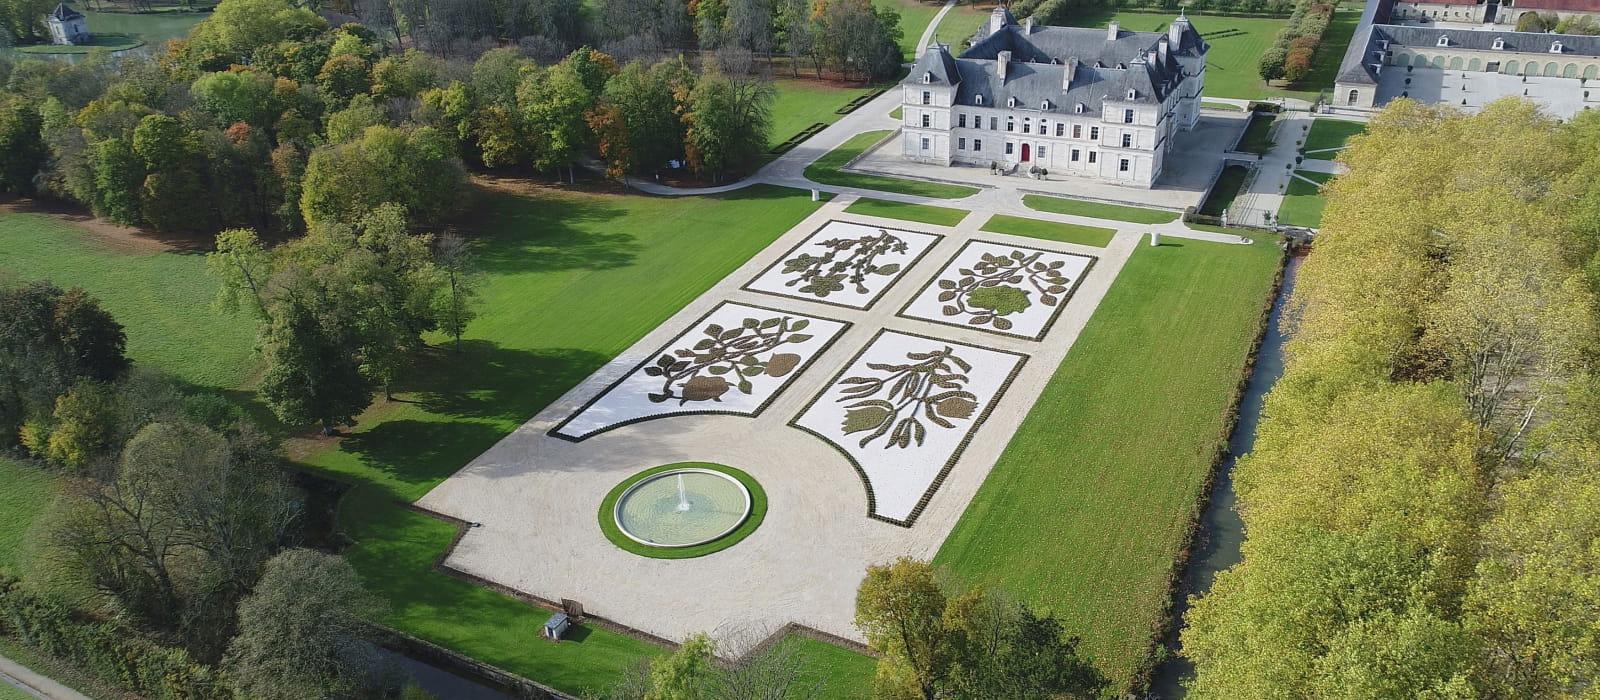 Château d'Ancy-le-Franc, palais de la Renaissance